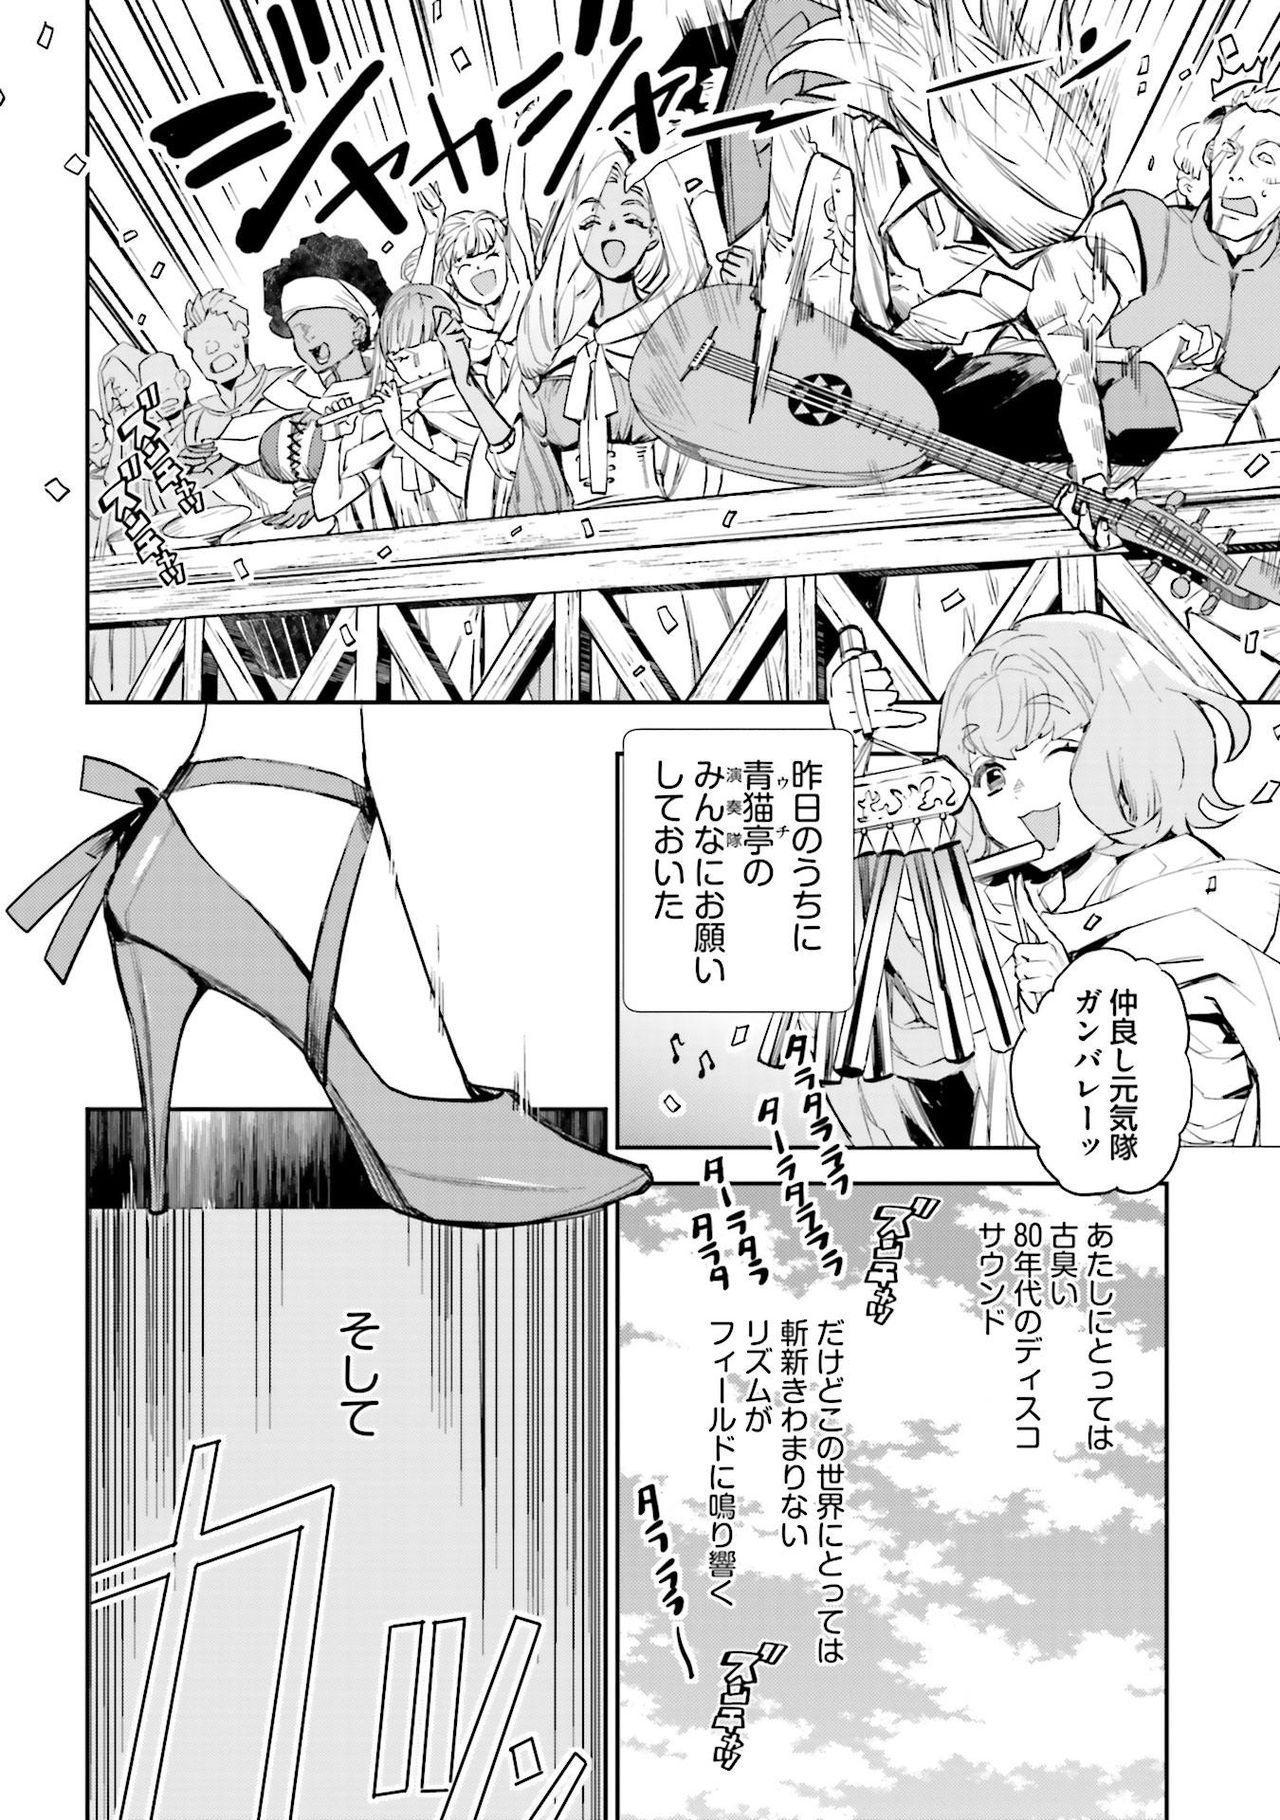 JK Haru wa Isekai de Shoufu ni Natta 1-14 419